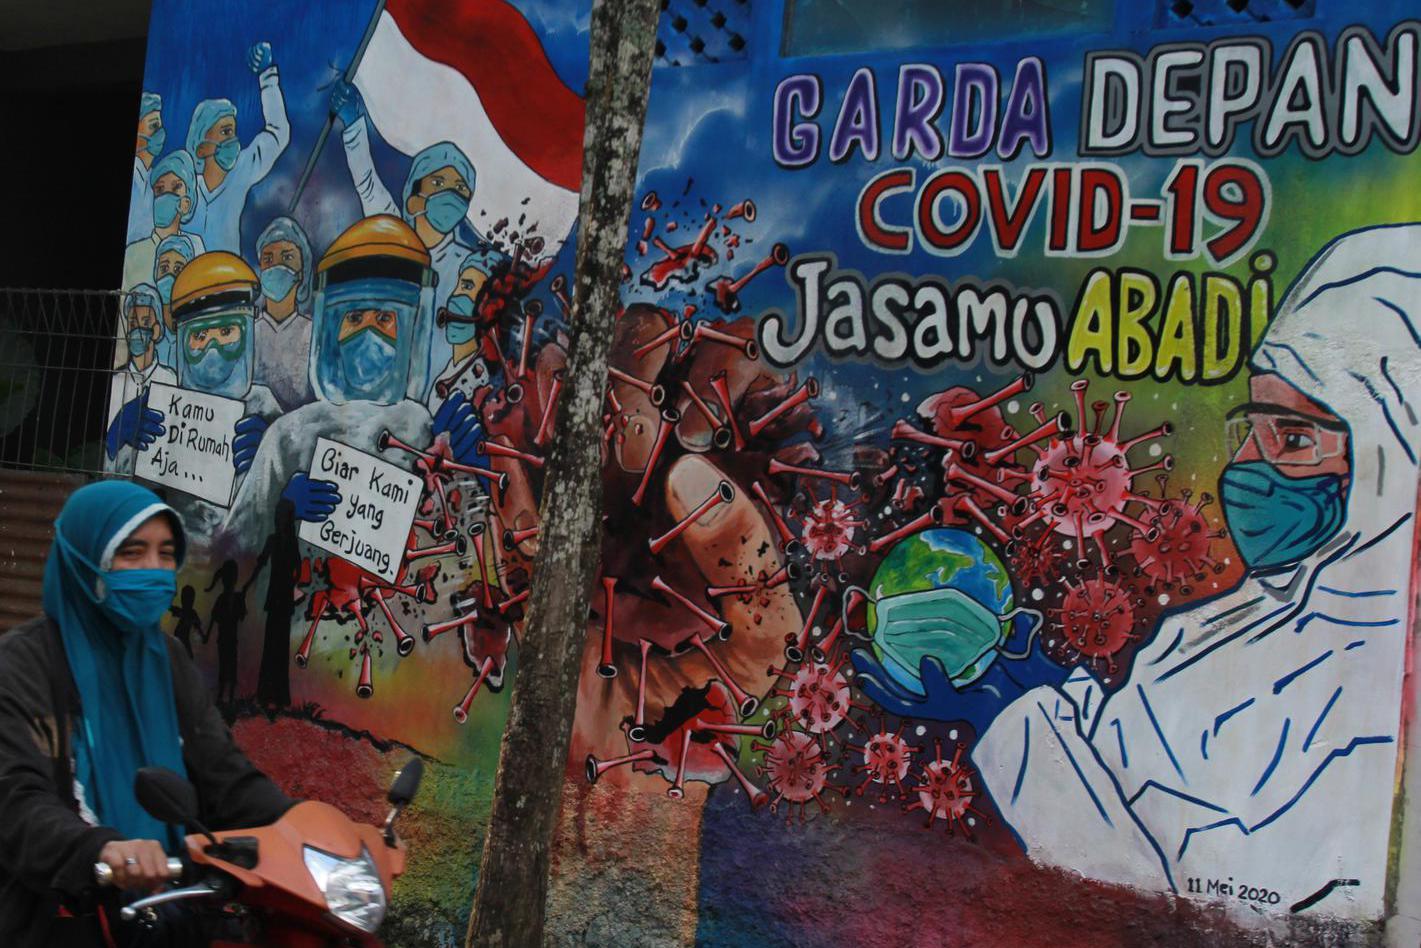 Pengendara motor melintas di depan mural yang bergambar dukungan untuk tenaga medis yang ada di Kavling Kinayung Pondok Aren, Tangerang Selatan, Banten, Jumat (15/5/2020). Mural yang dibuat oleh warga itu bertujuan untuk memberikan dukungan dan apresiasi atas perjuangan tenaga medis yang menjadi garis terdepan dalam penanganan COVID-19.